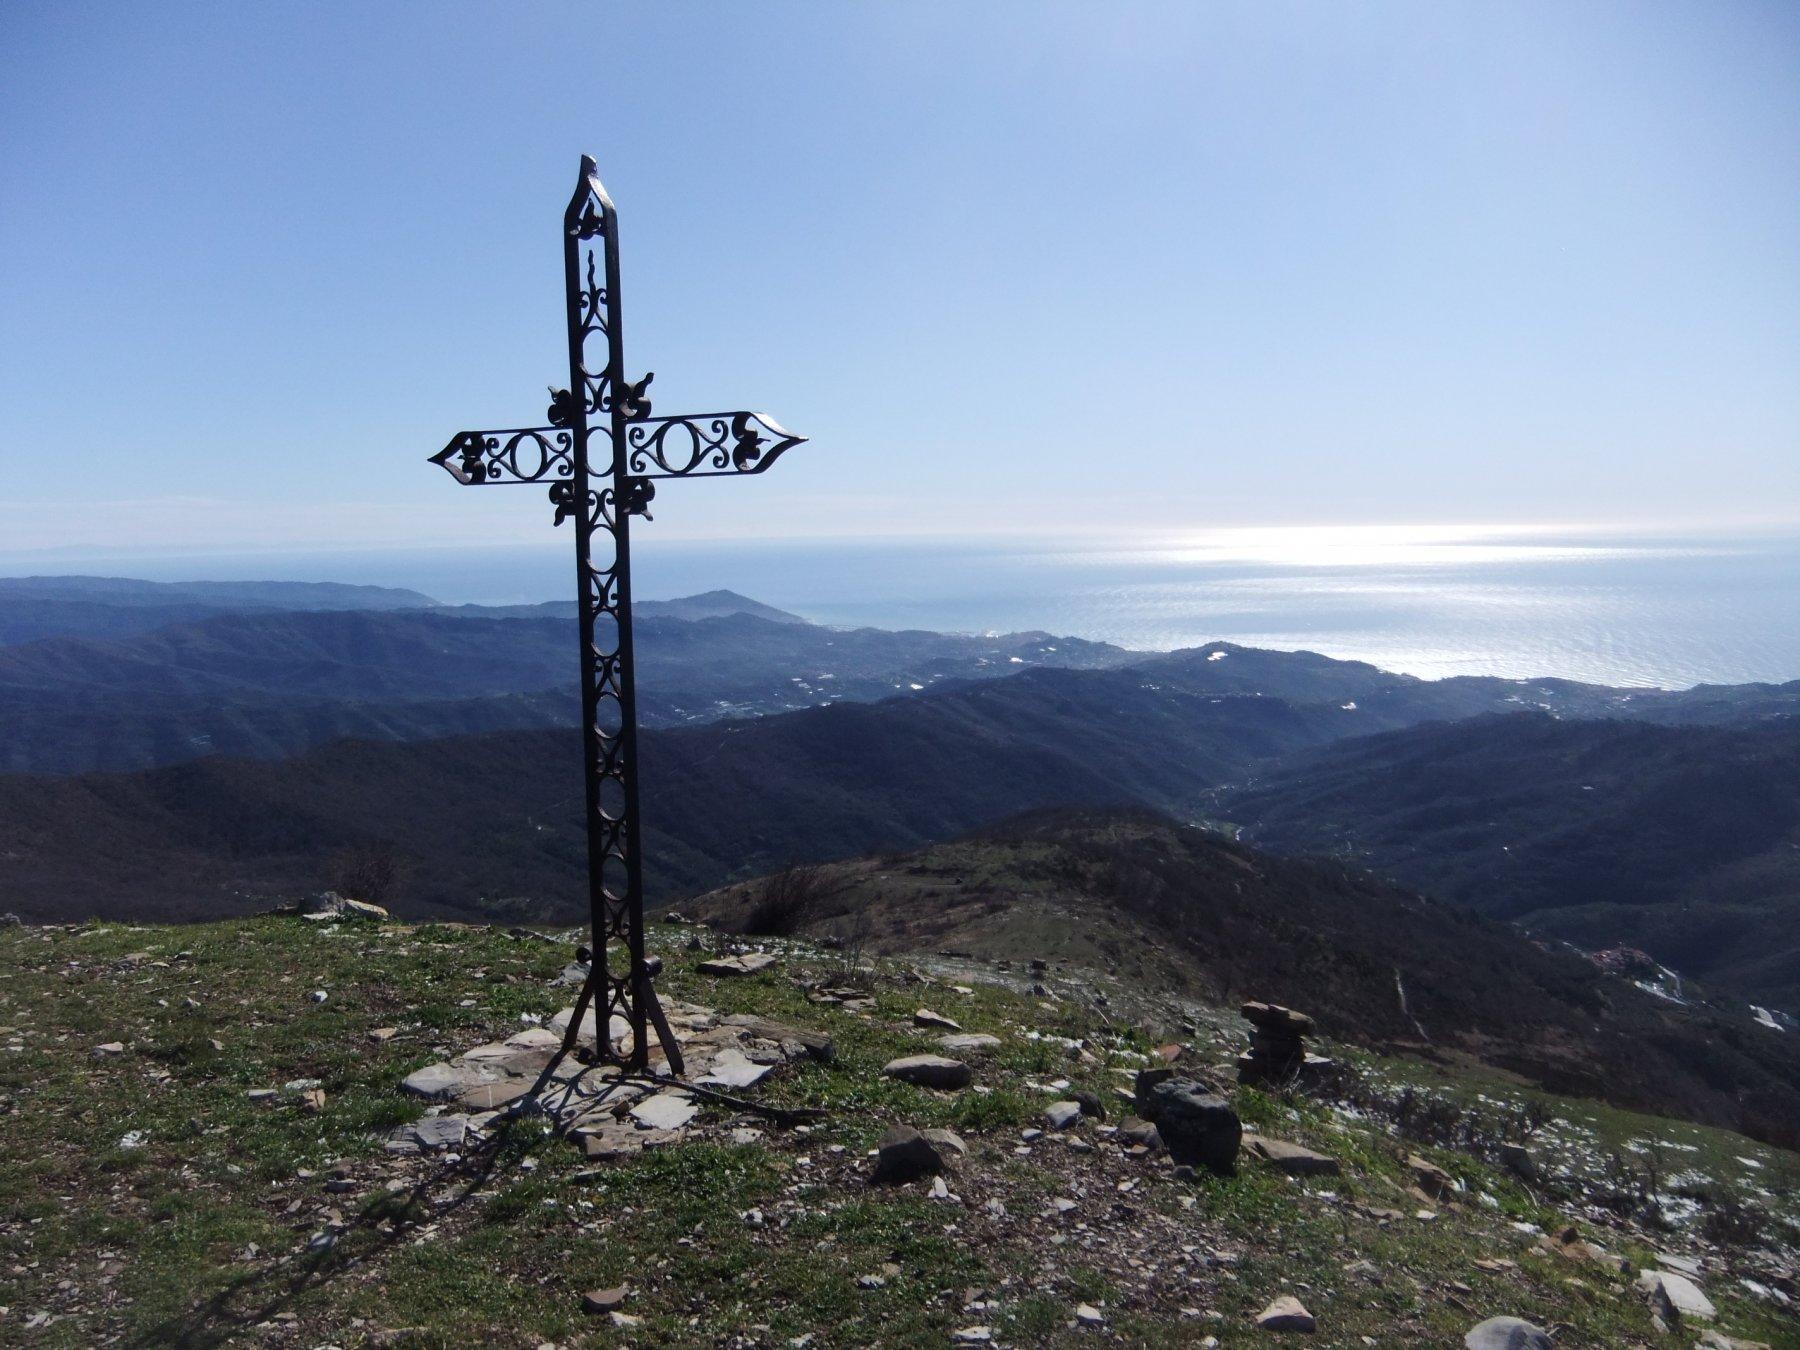 Dal Monte Follia